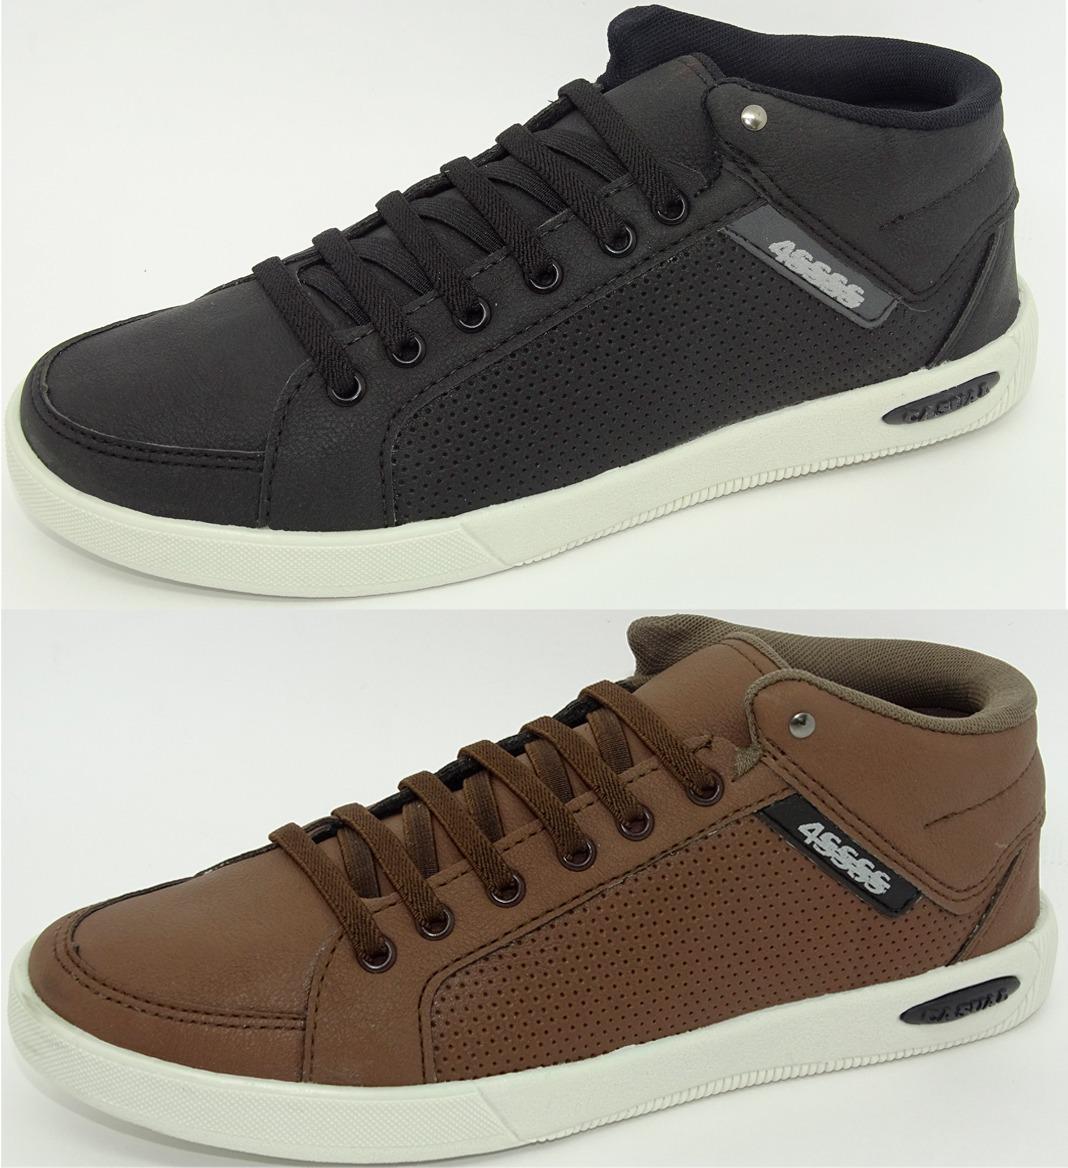 c9d02e49e5 kit 12 prs sapatenis masculino casual bota tênis fretegratis. Carregando  zoom.